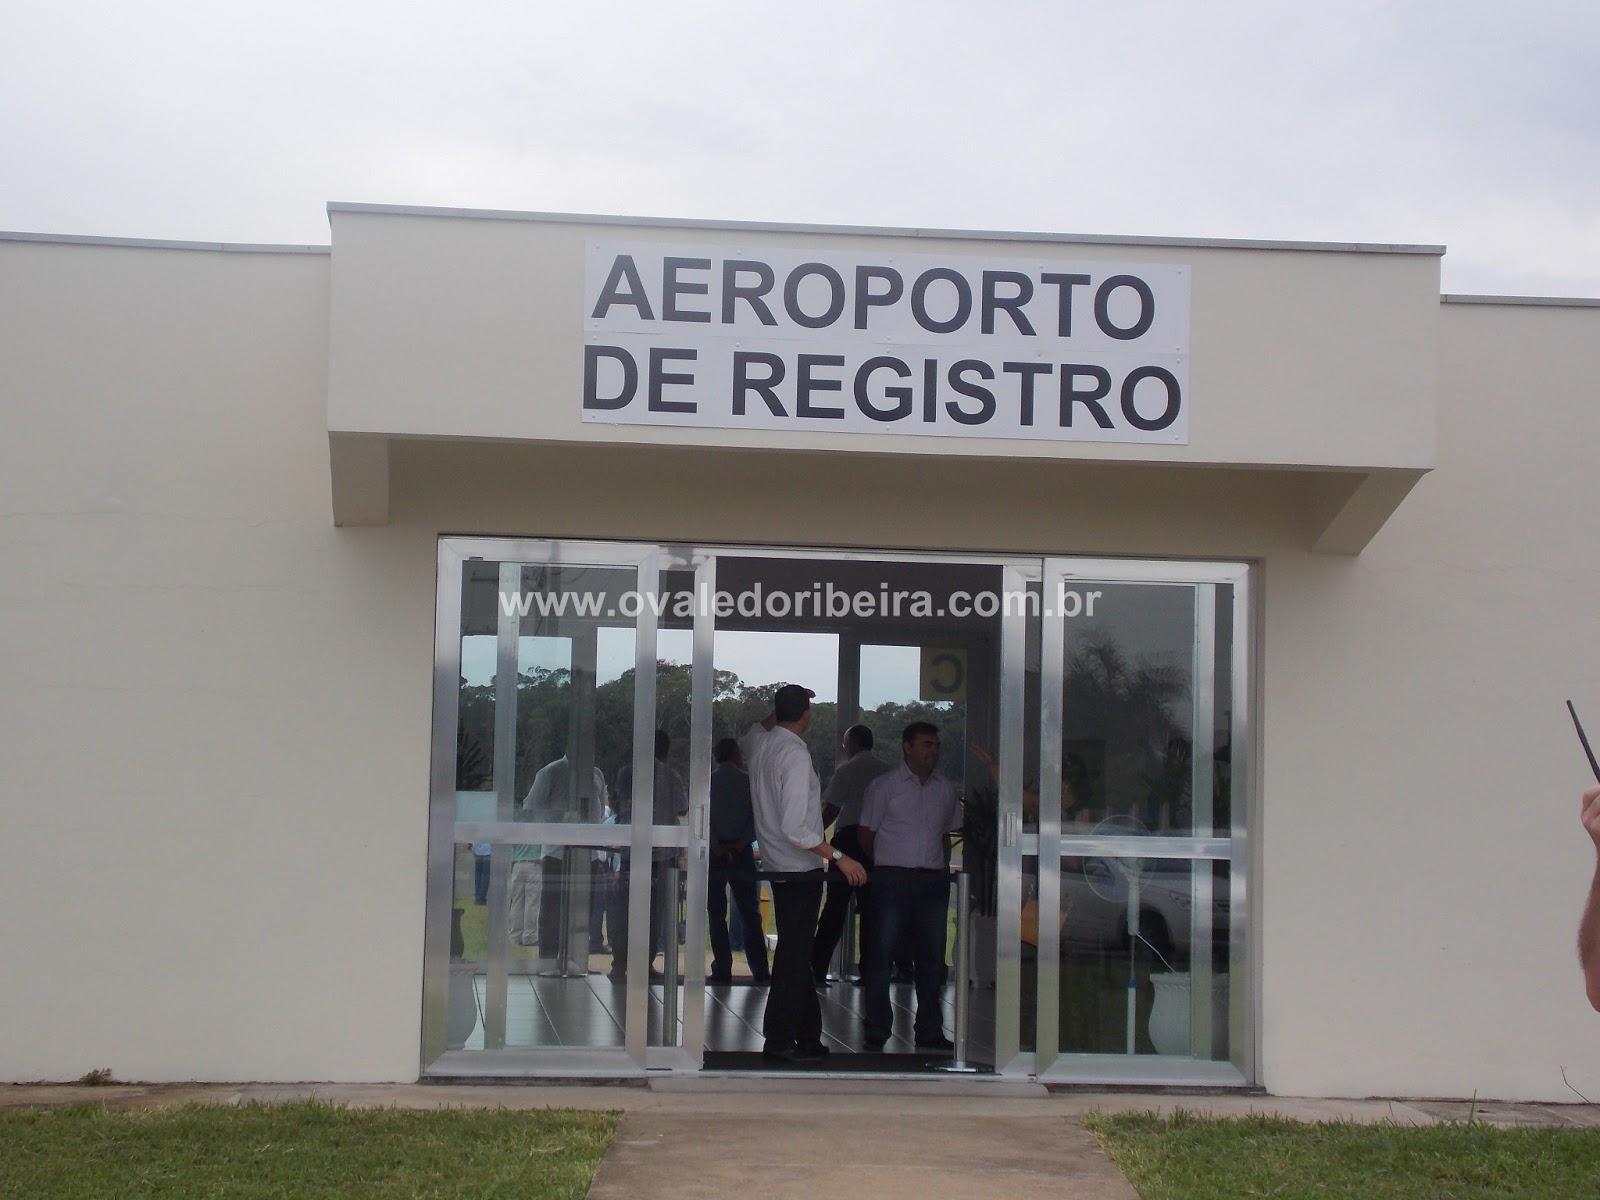 Aeroporto Sp : Aeroporto de registro sp fotos da inauguração o vale do ribeira